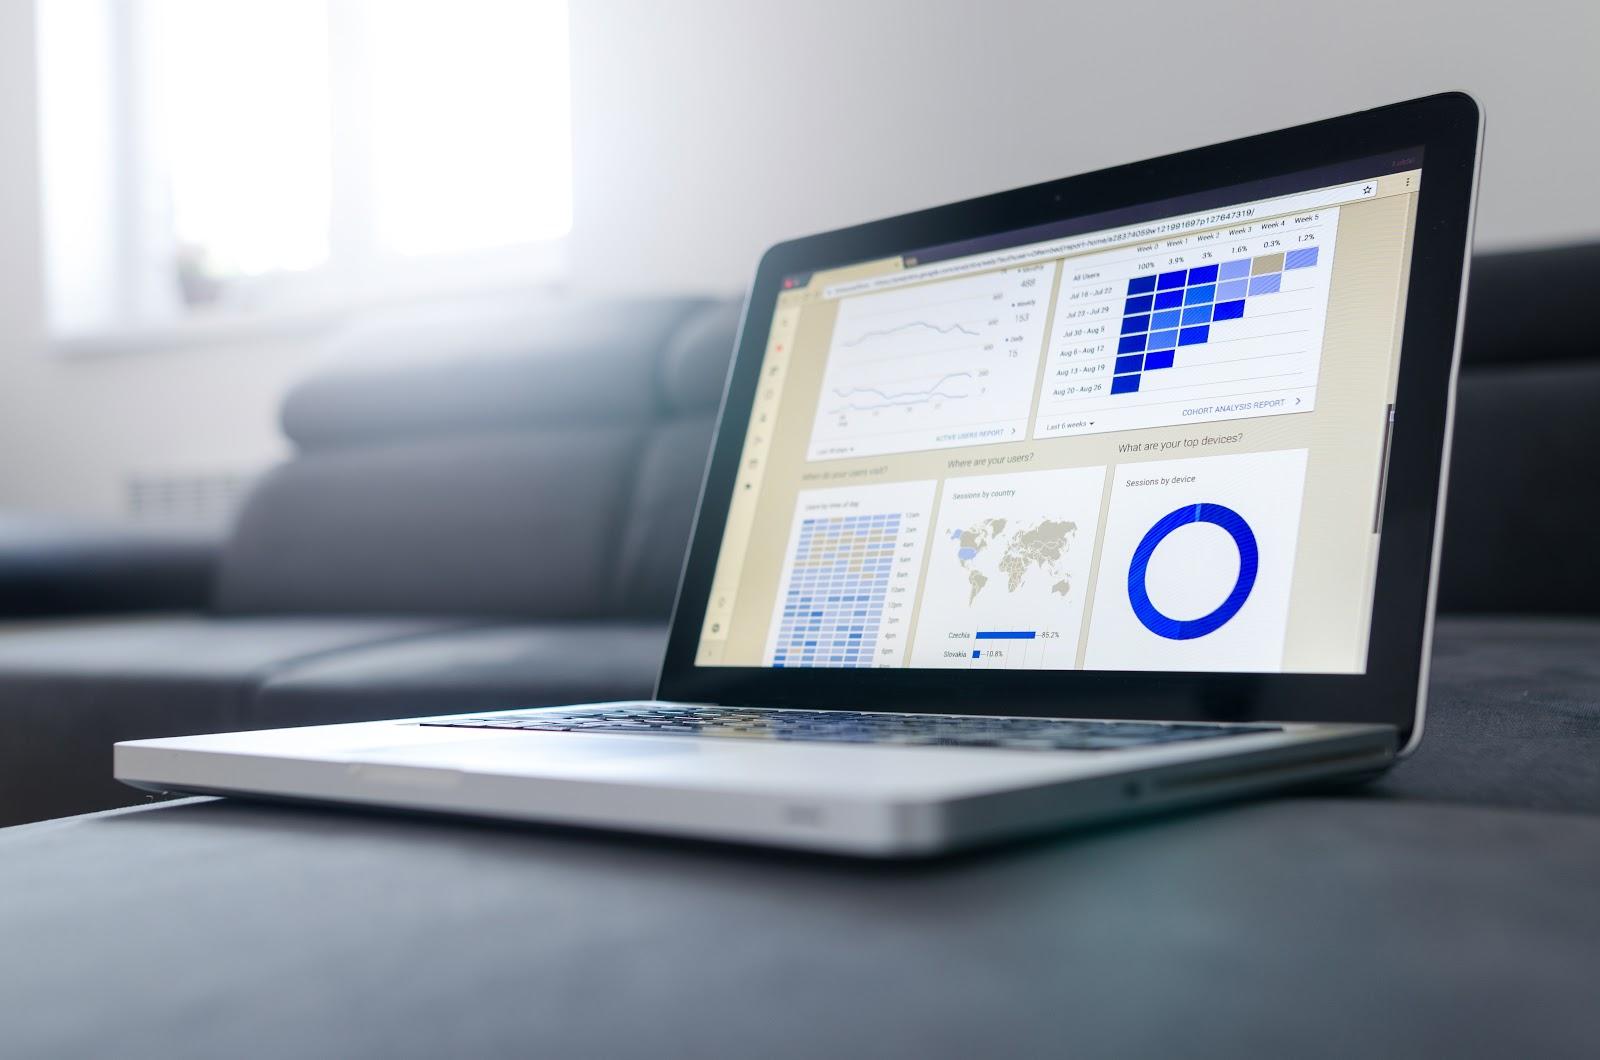 Come migliorare il ROI? Motivi per rivolgersi a una consulenza di marketing digitale